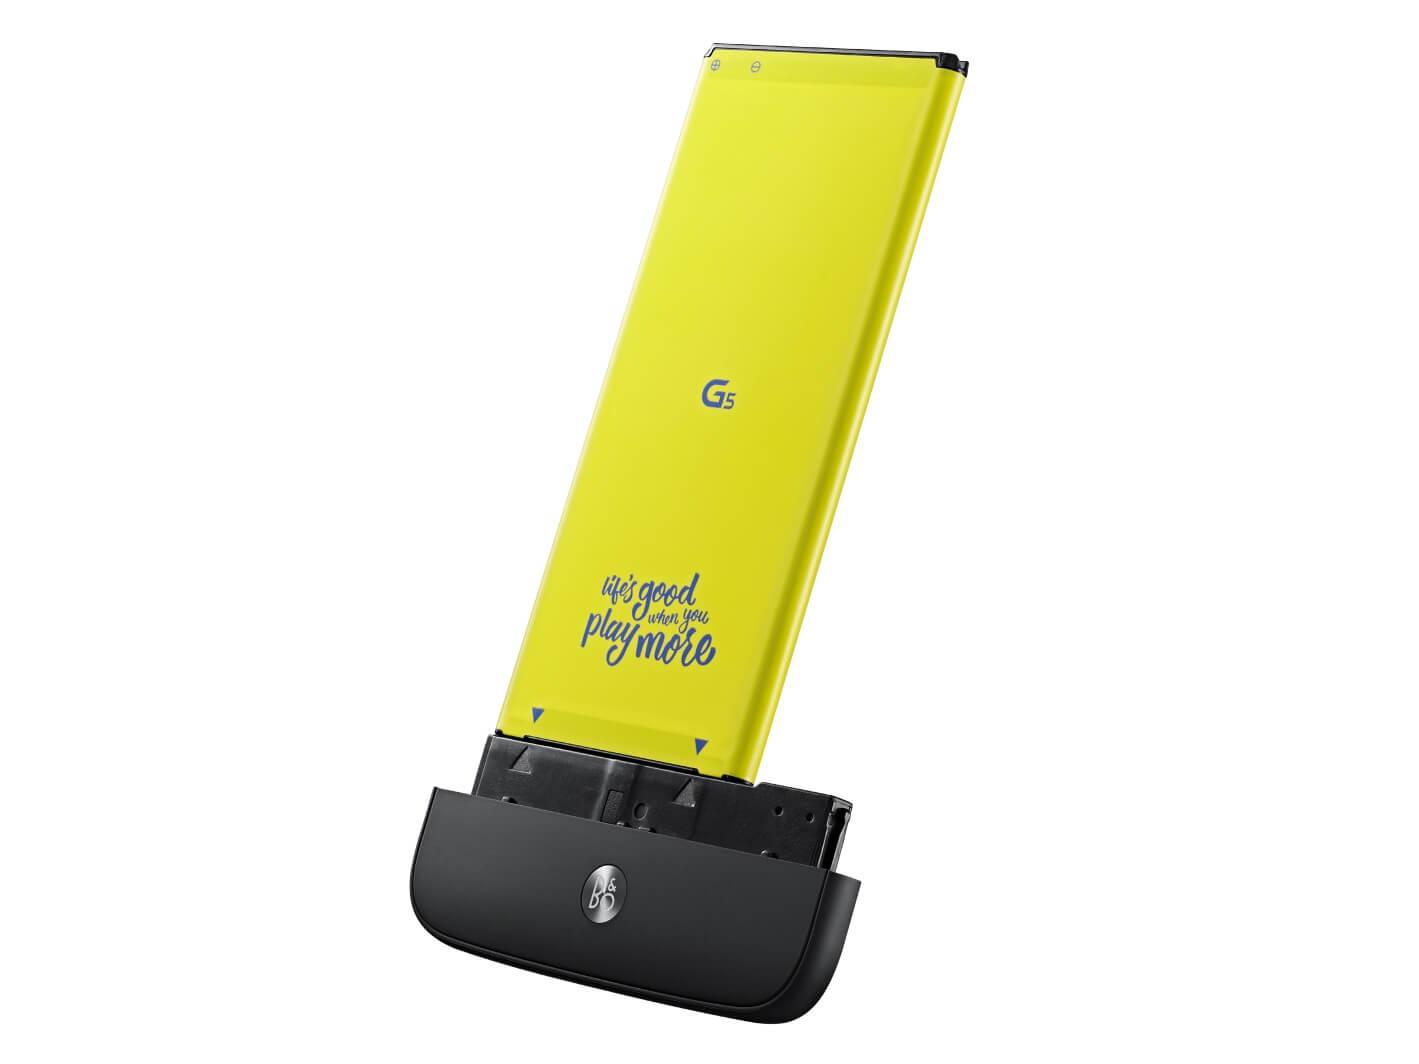 مواصفات وسعر الموبايل  LG G5 بالصور والفديو